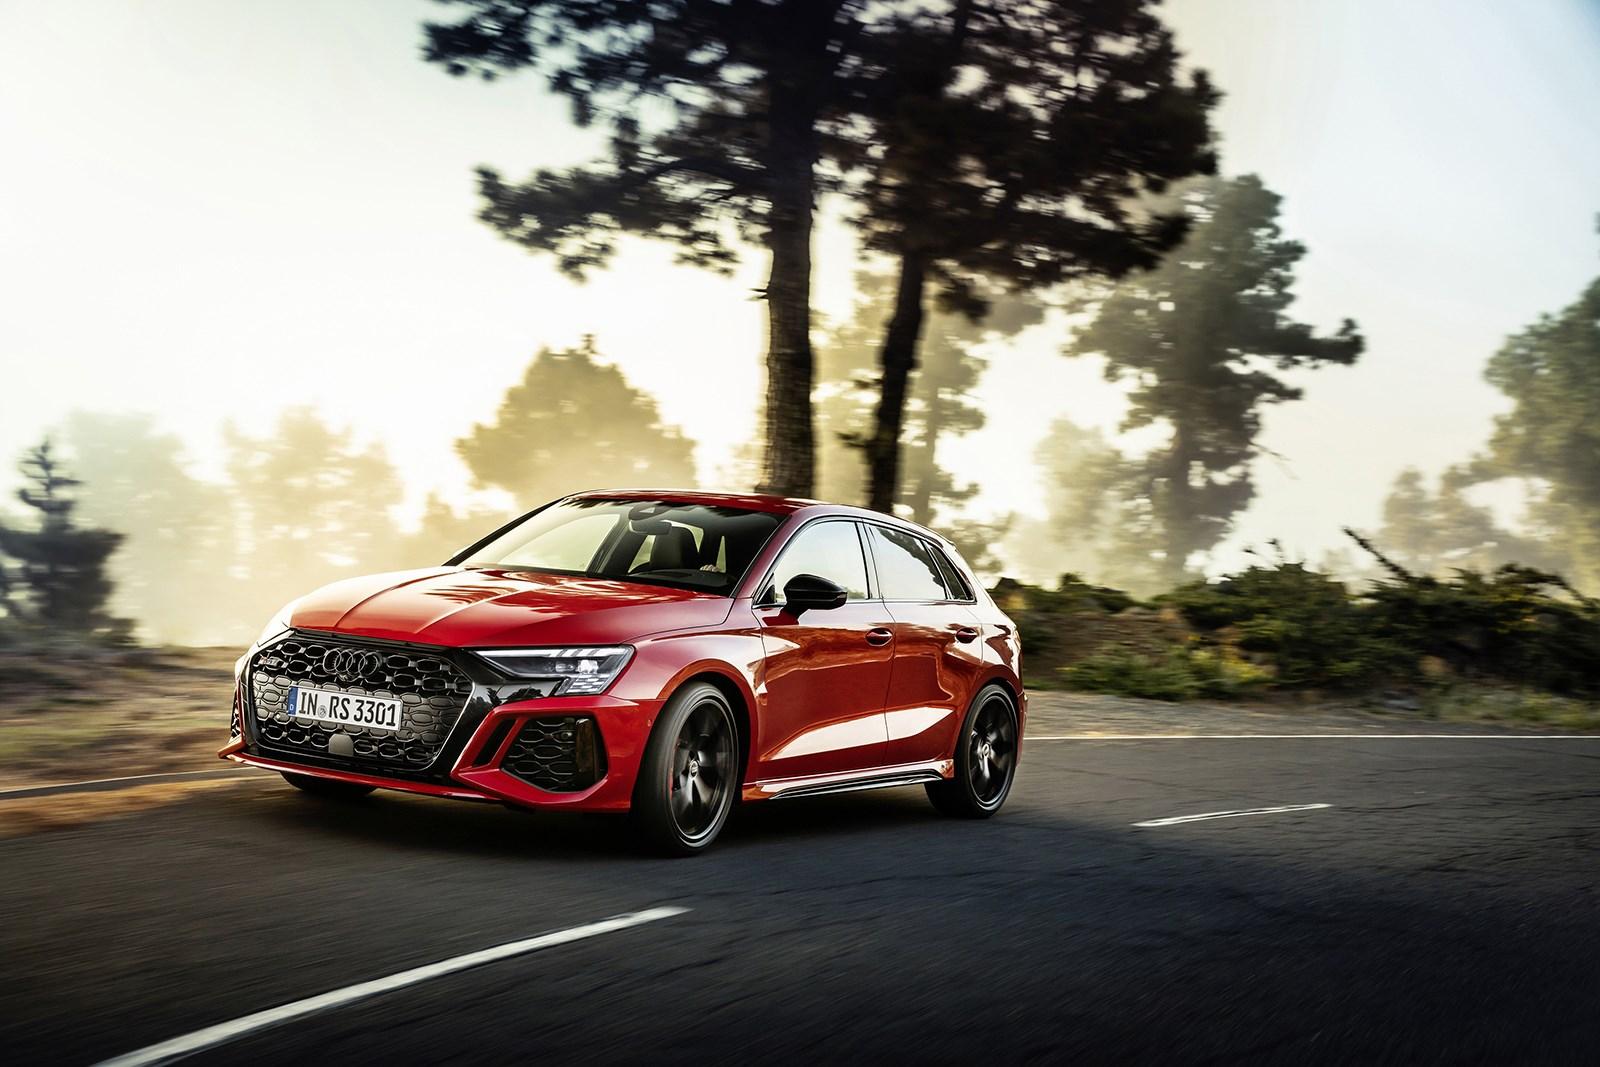 出力は控えめでもAMG A45やM2を凌ぐ加速性能を実現! アウディ「RS3スポーツバック/セダン」発表